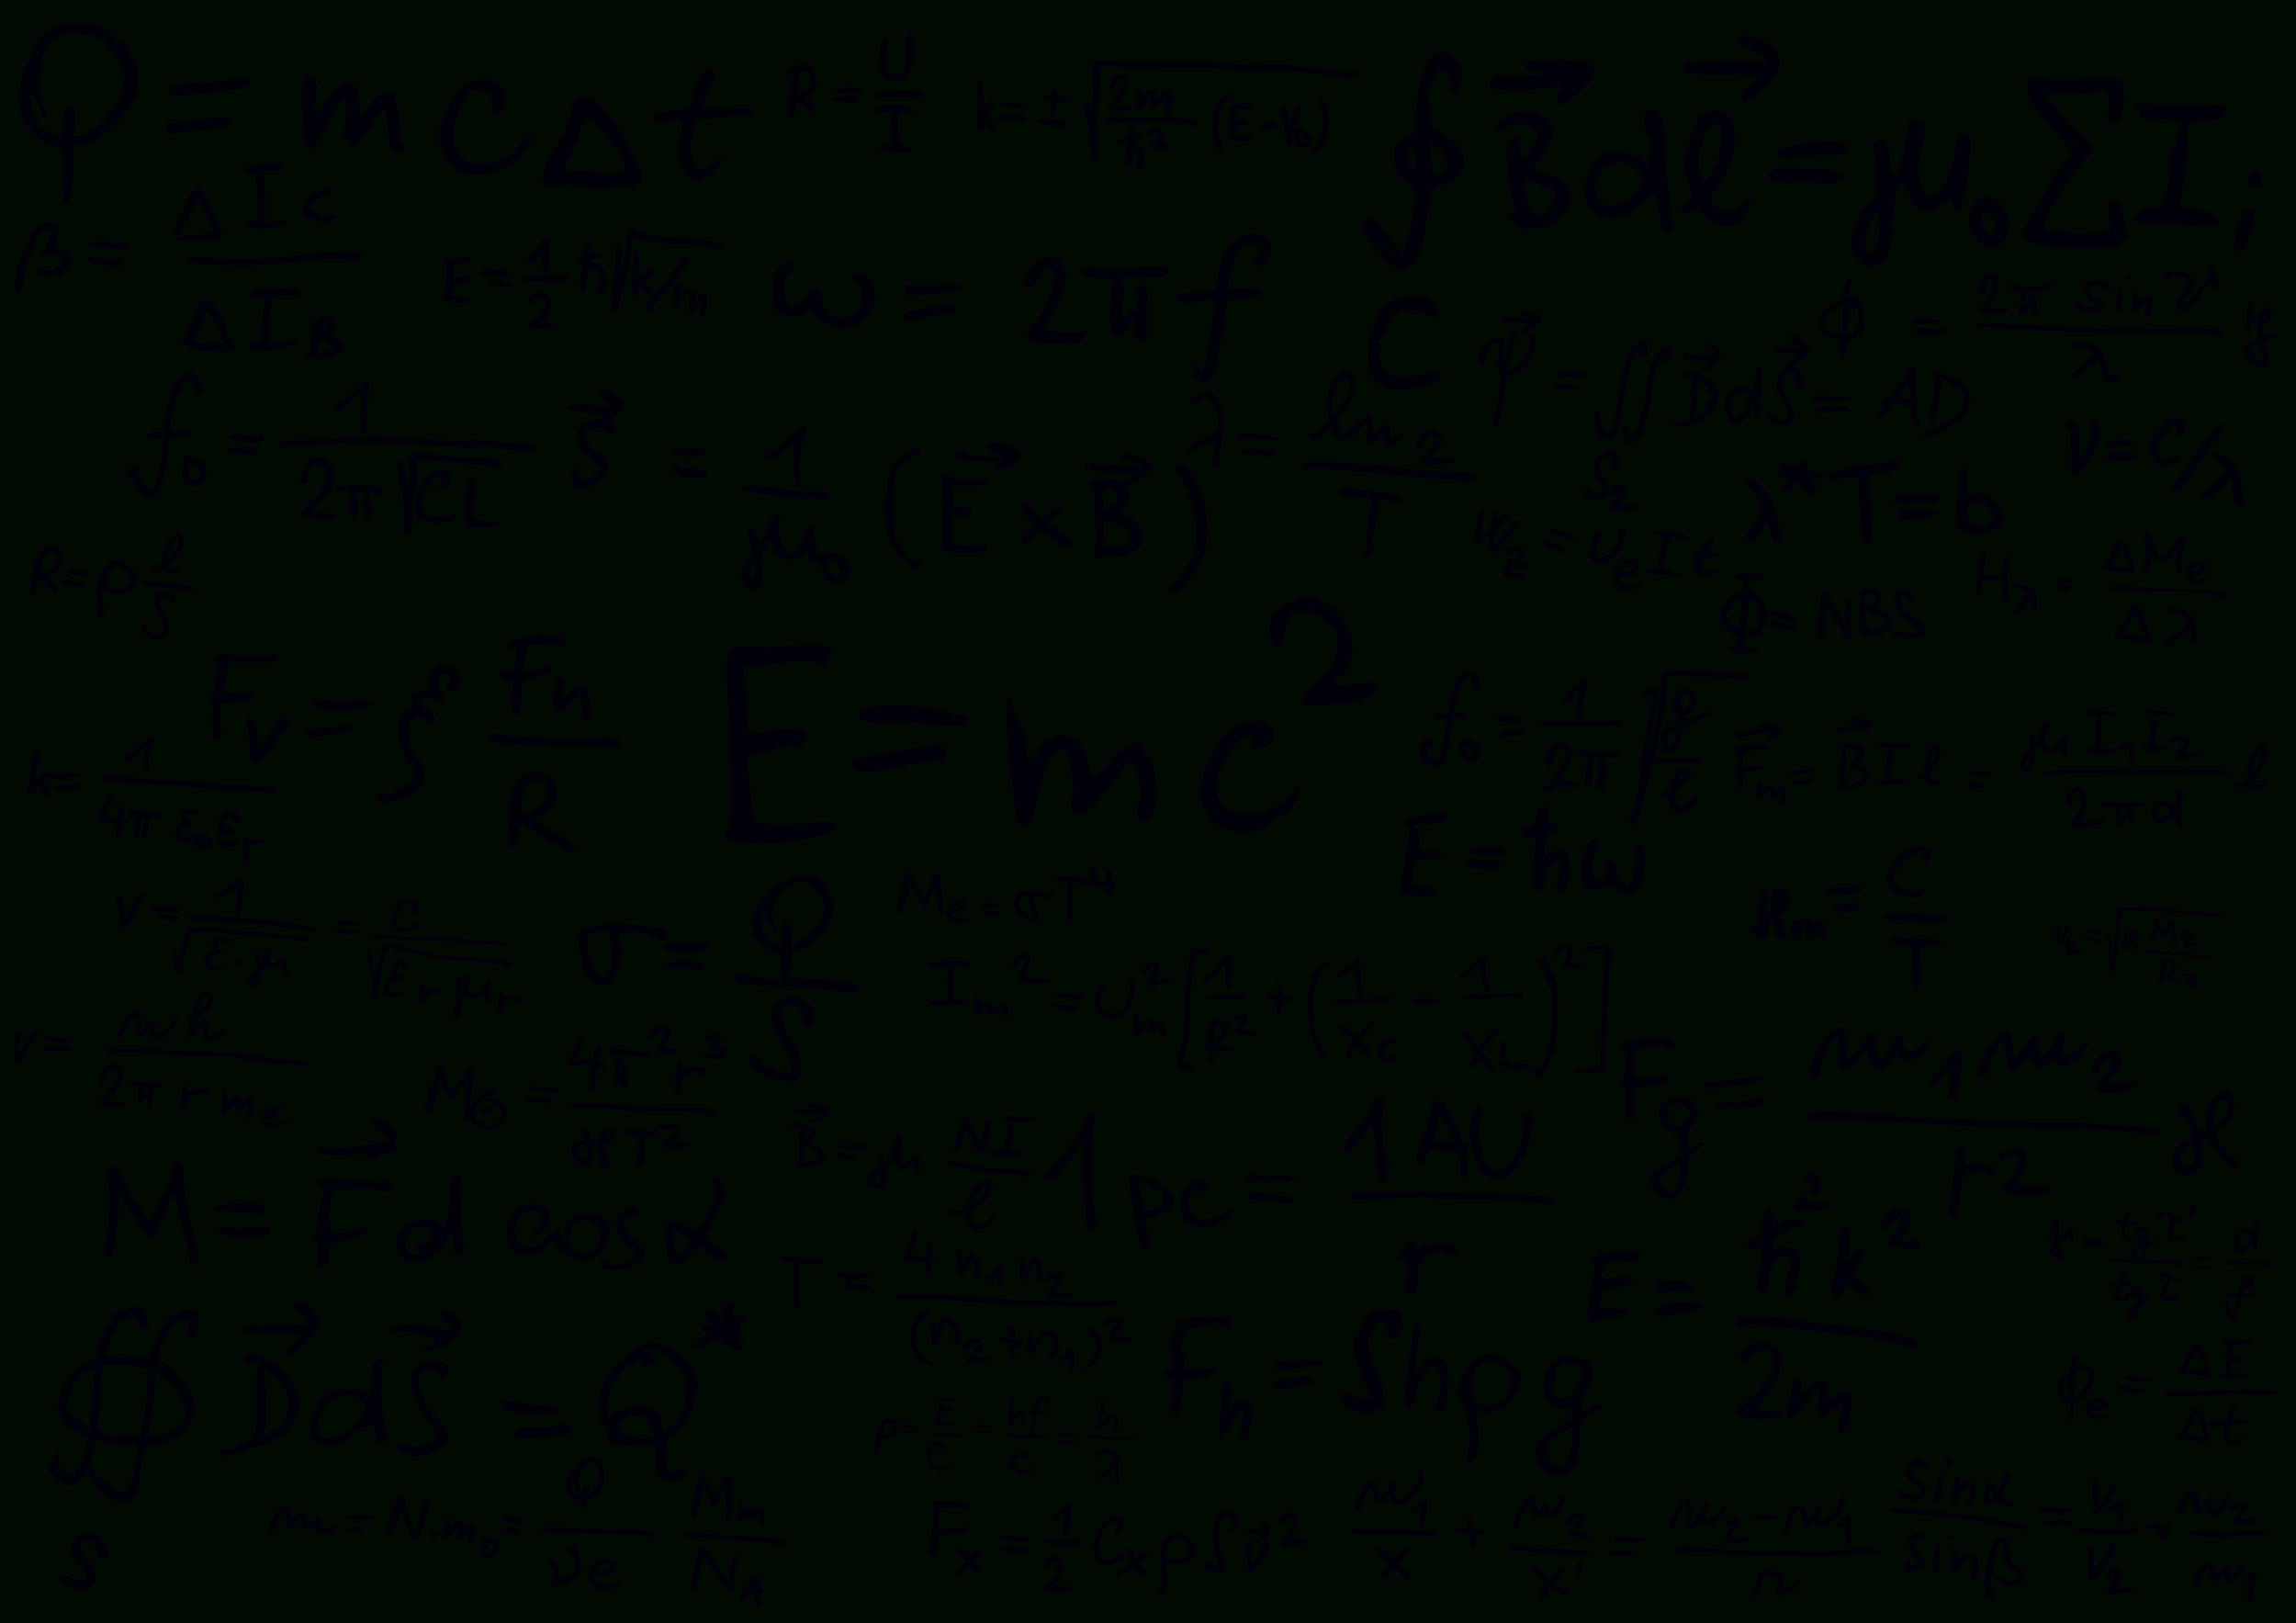 Charade Mathématiques - Enigme Facile pour Rébus Facile Avec Réponse